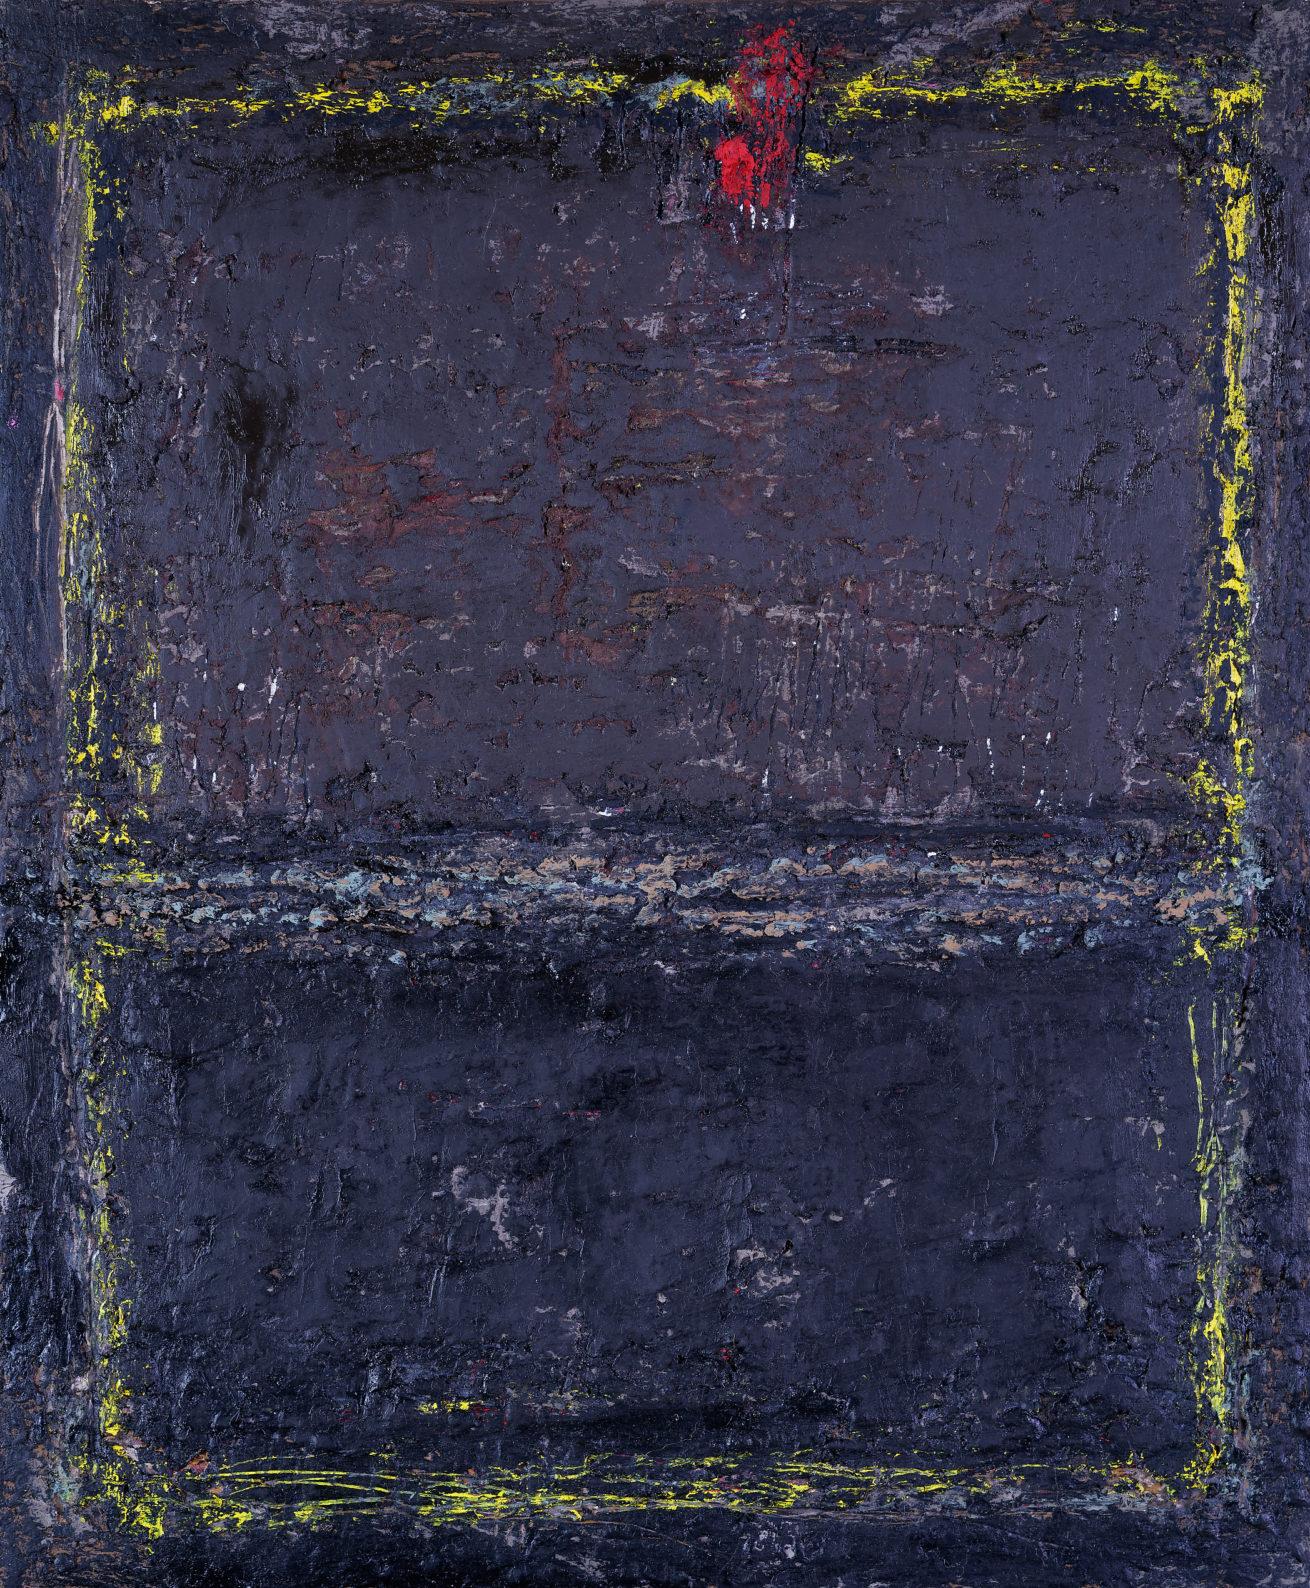 Afrique noire Huile sur toile Dim 38 x46 cm